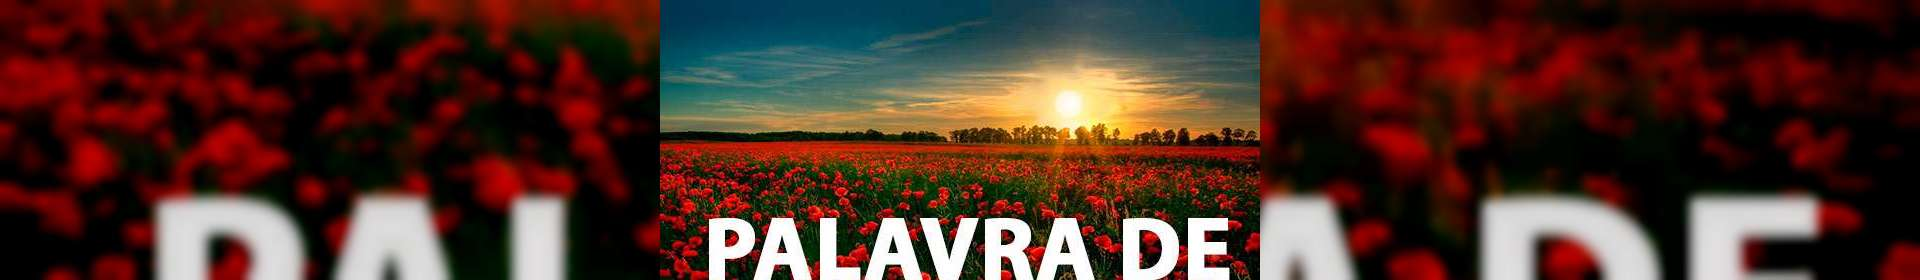 Isaías 9:6 - Uma Palavra de Esperança para sua vida